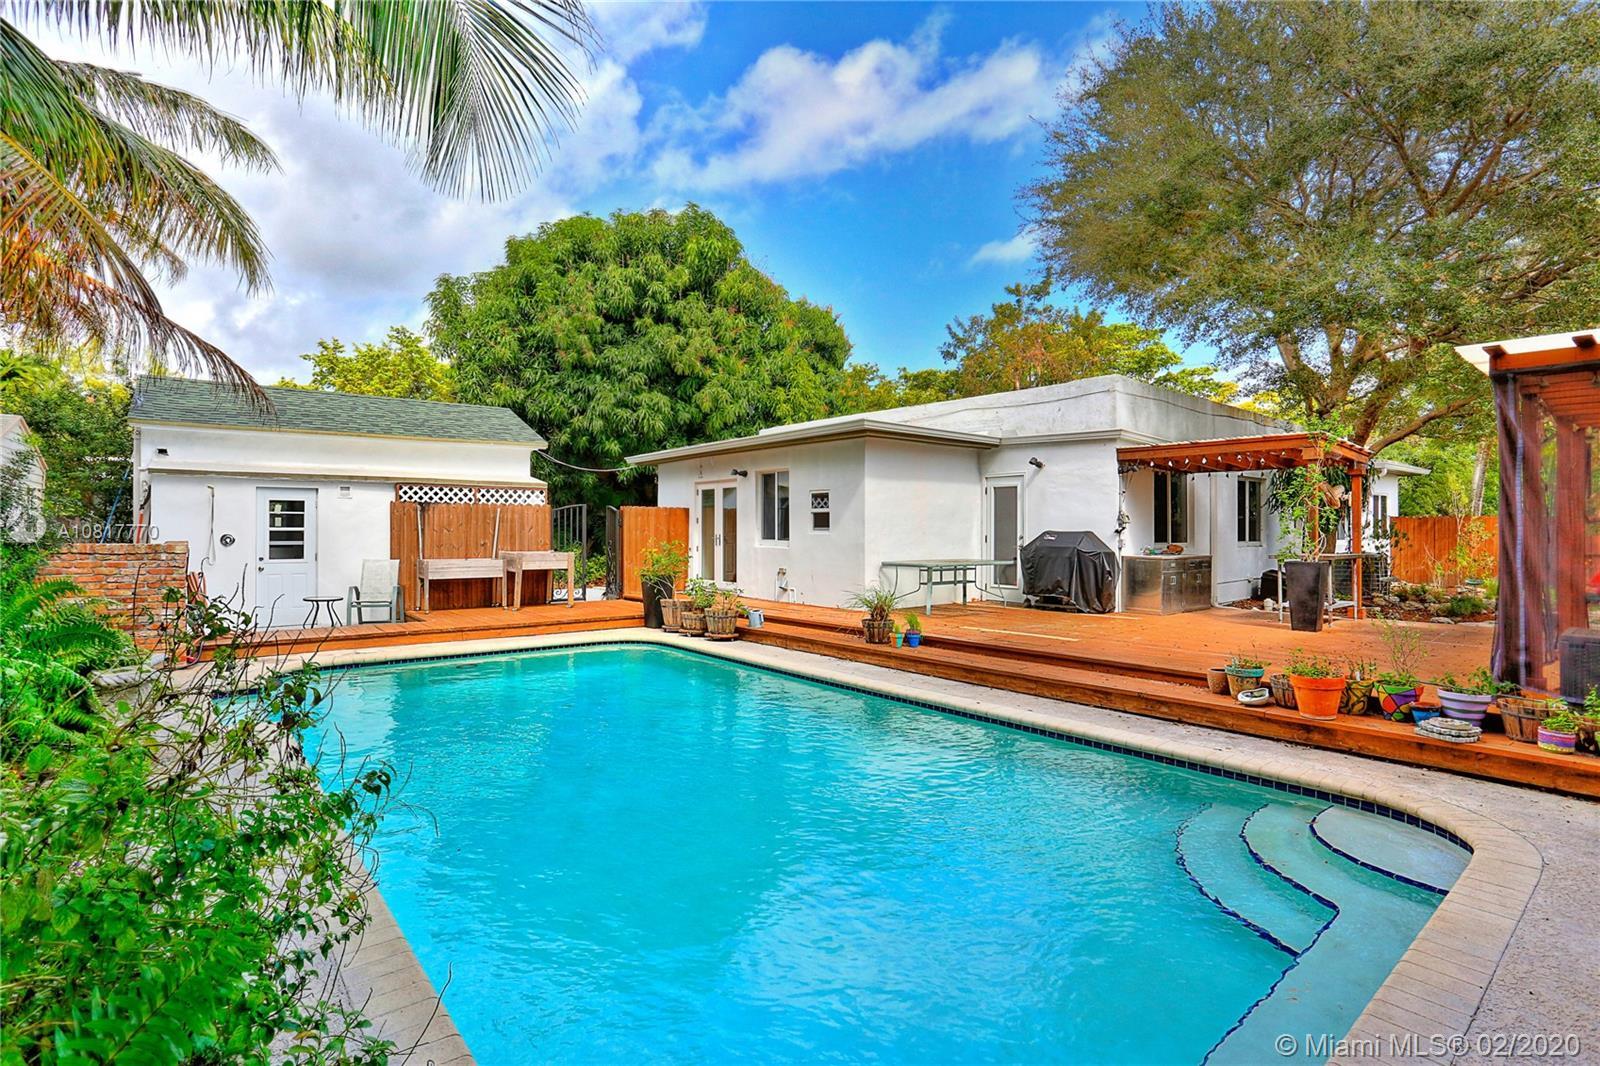 11220 NE 8th Ct, Biscayne Park, FL 33161 - Biscayne Park, FL real estate listing